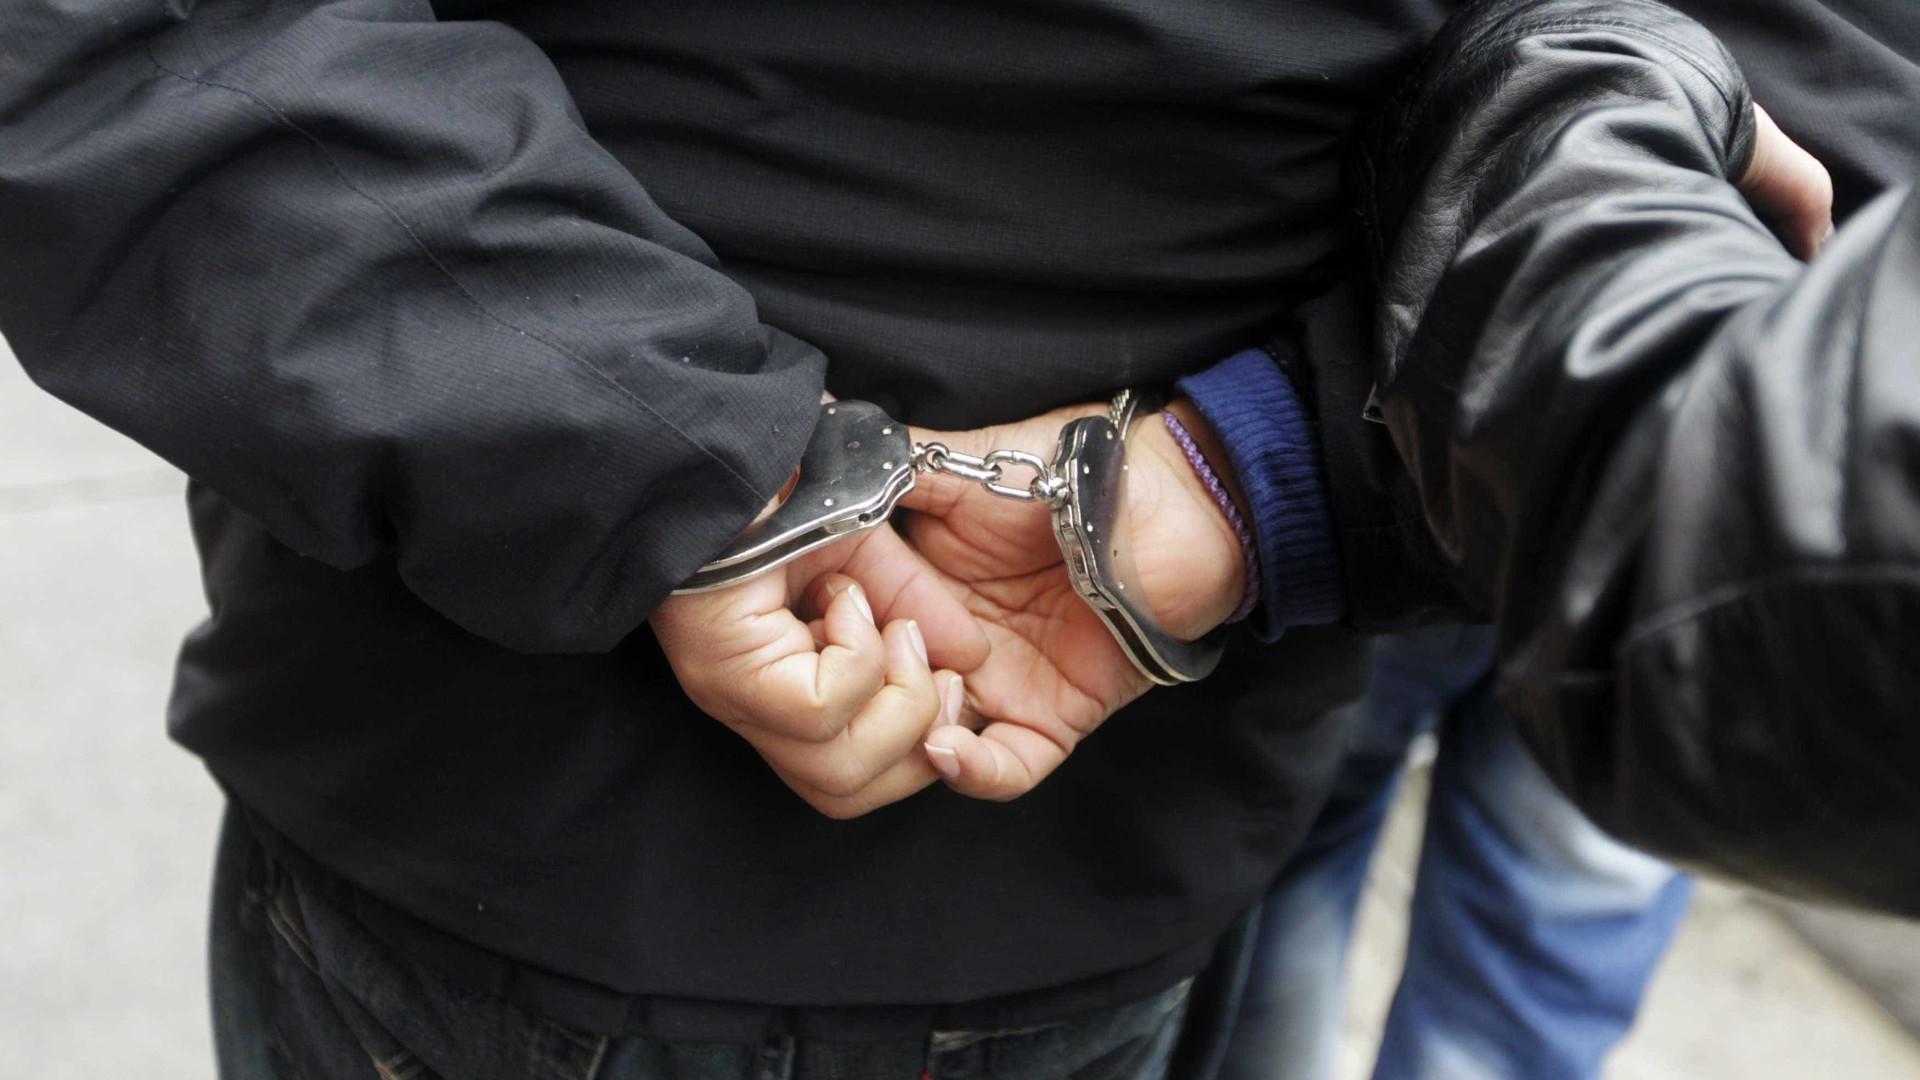 Tráfico de droga leva a detenção de três homens em Santiago do Cacém